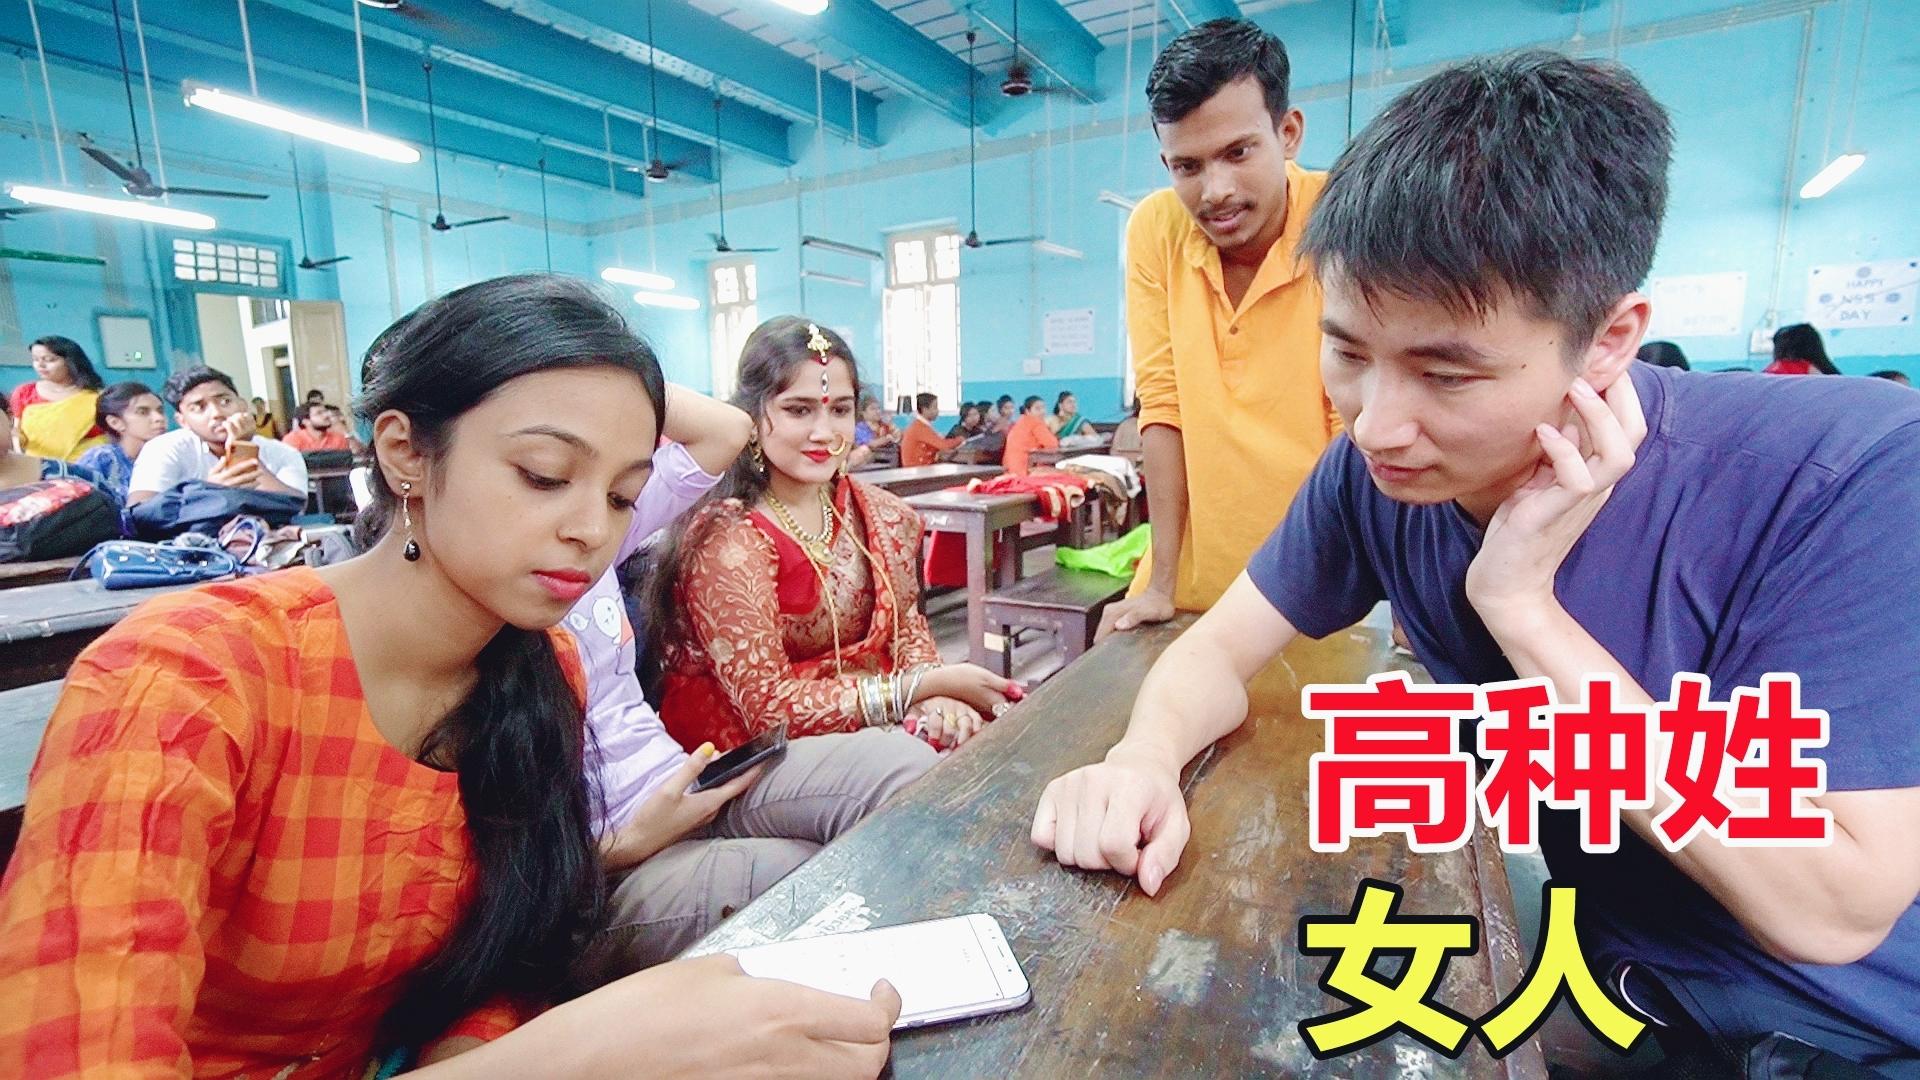 这是长相比较好的印度大学姑娘,主动留中国小伙电话,要我发信息